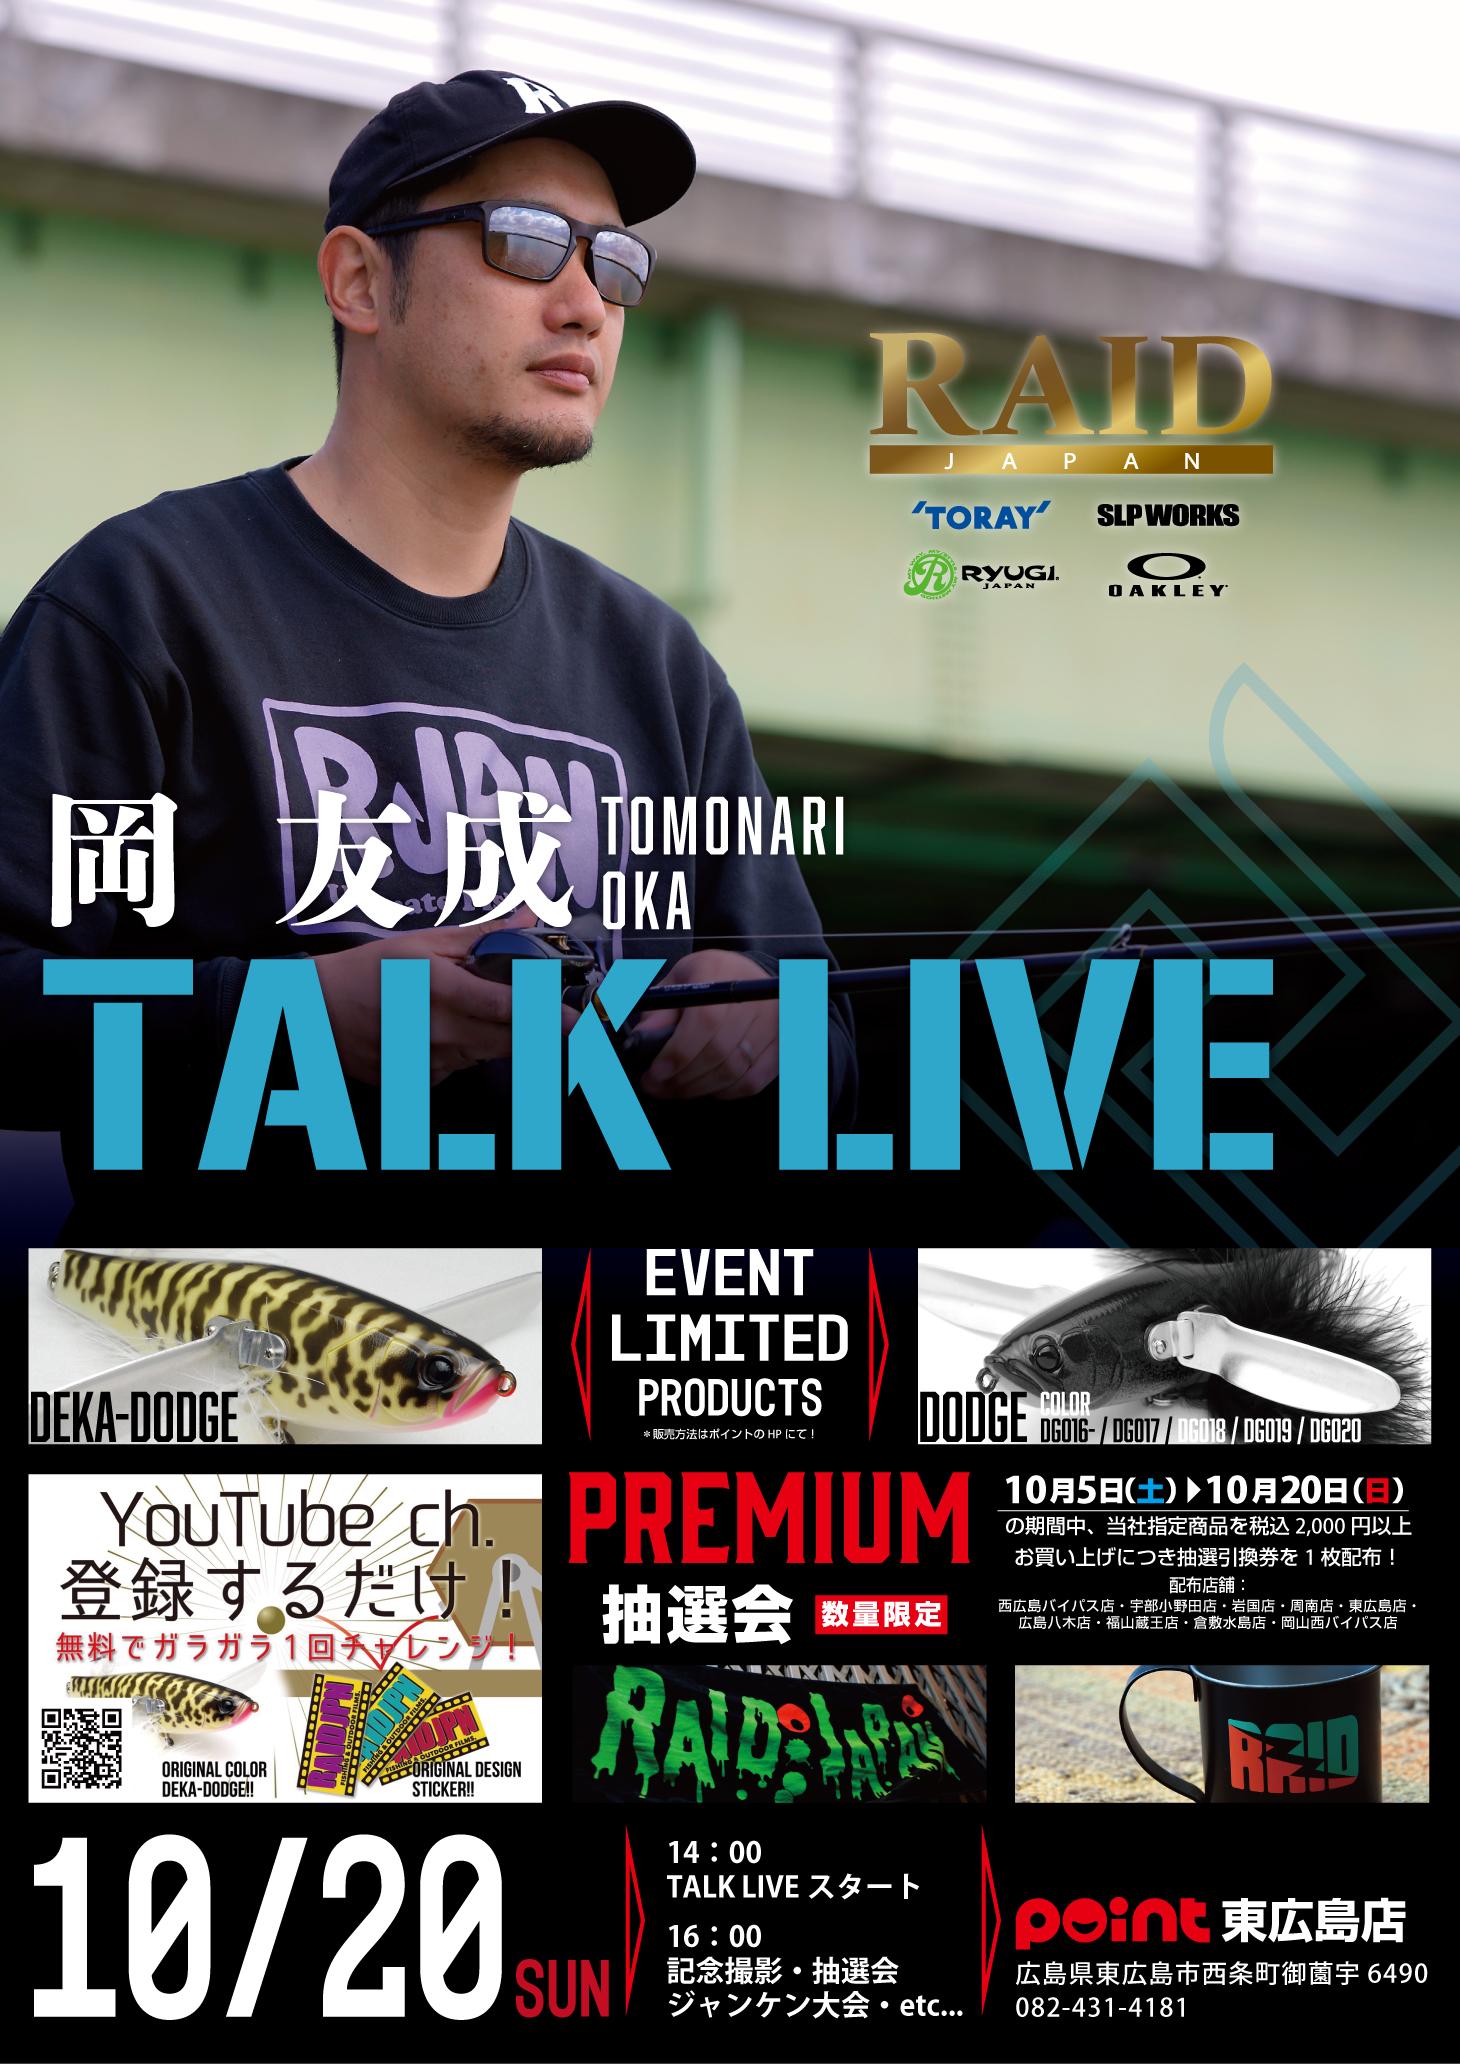 レイドジャパンtalk live